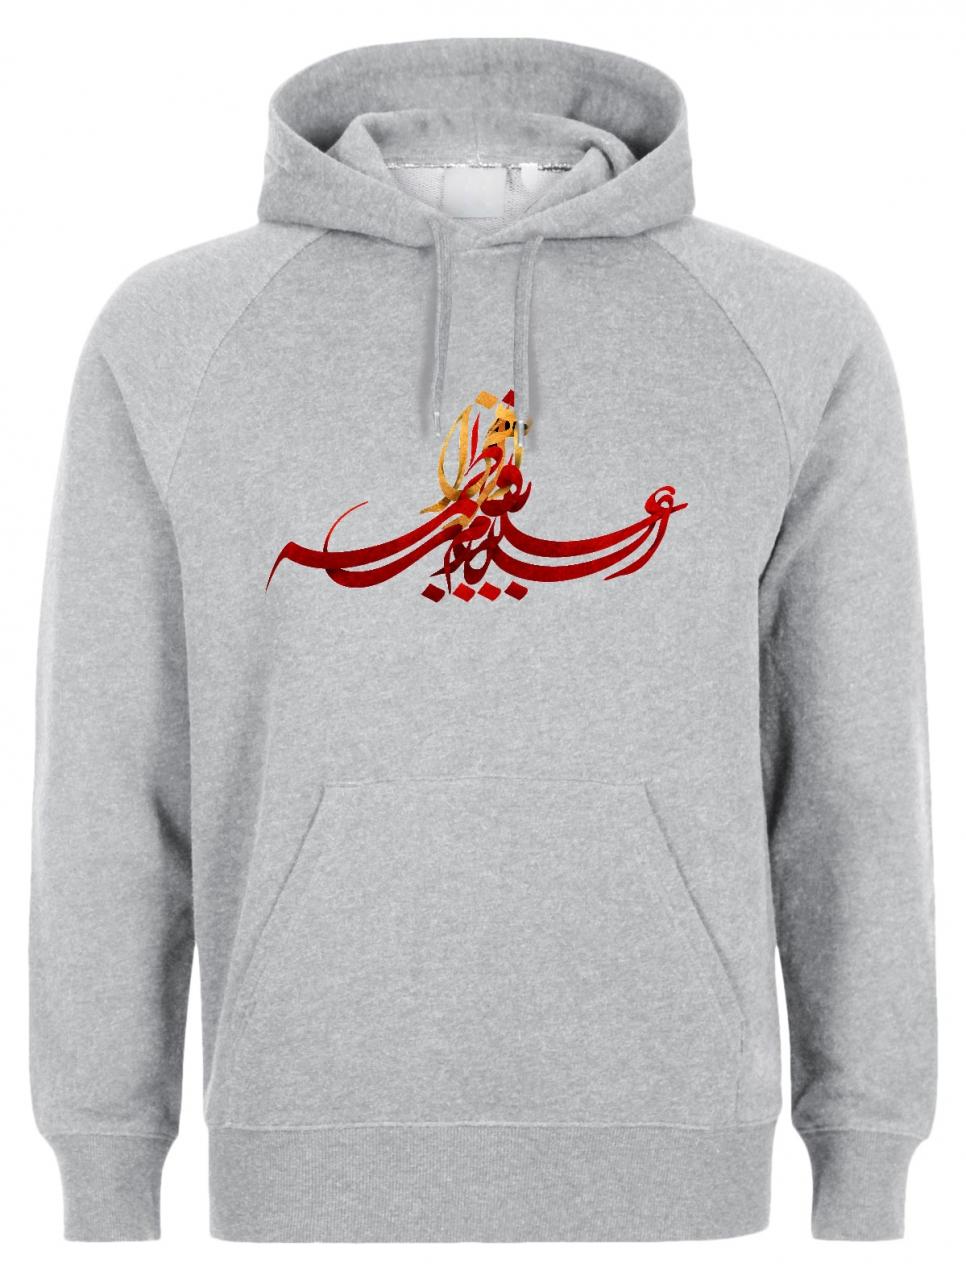 Assalamo ala Fatima Alzahra Kalligraphie Herren Schia hoodie